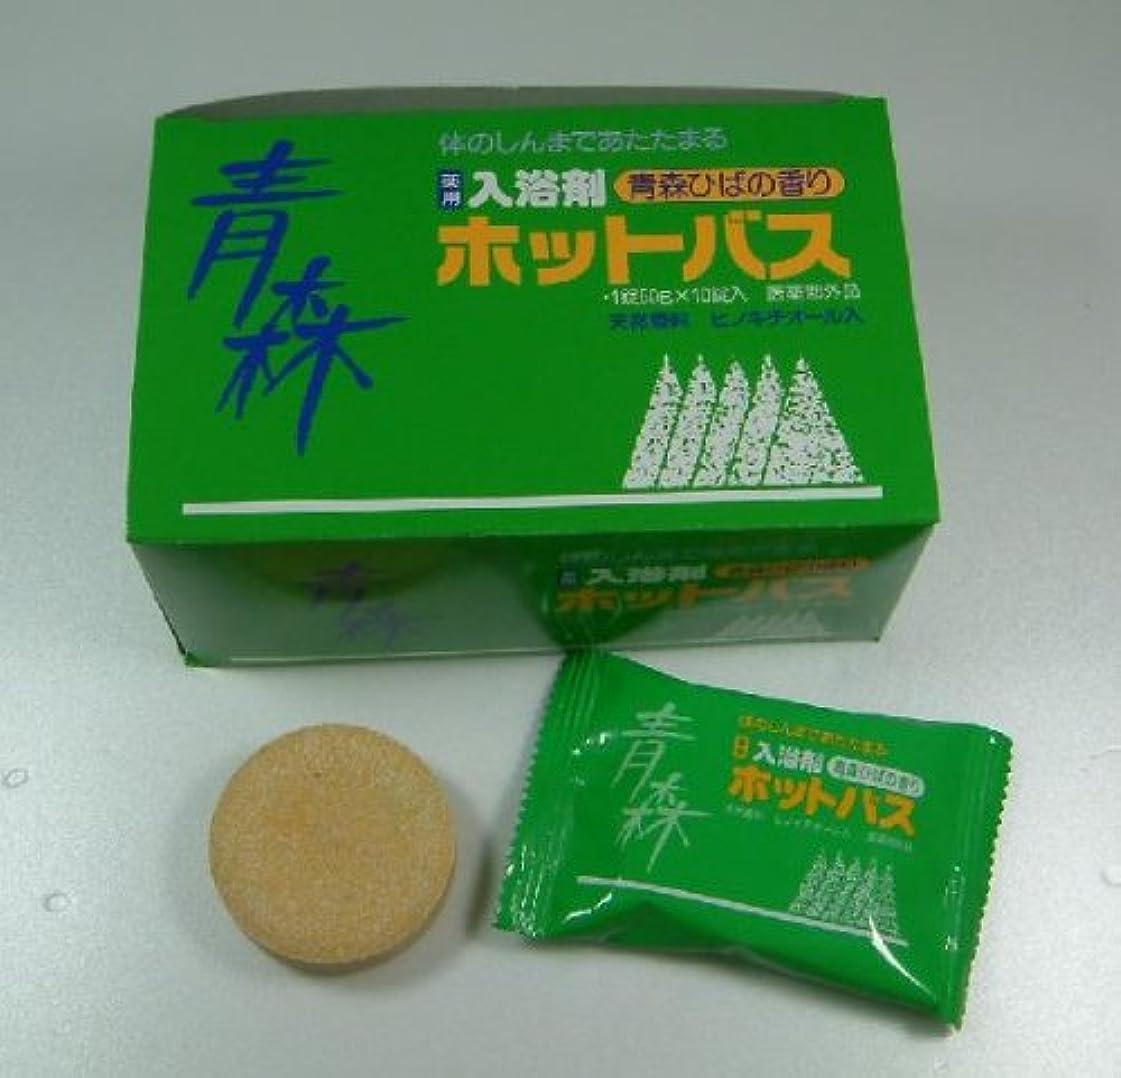 フローナイトスポットモジュール青森ひば薬用入浴剤 ホットバス 10錠